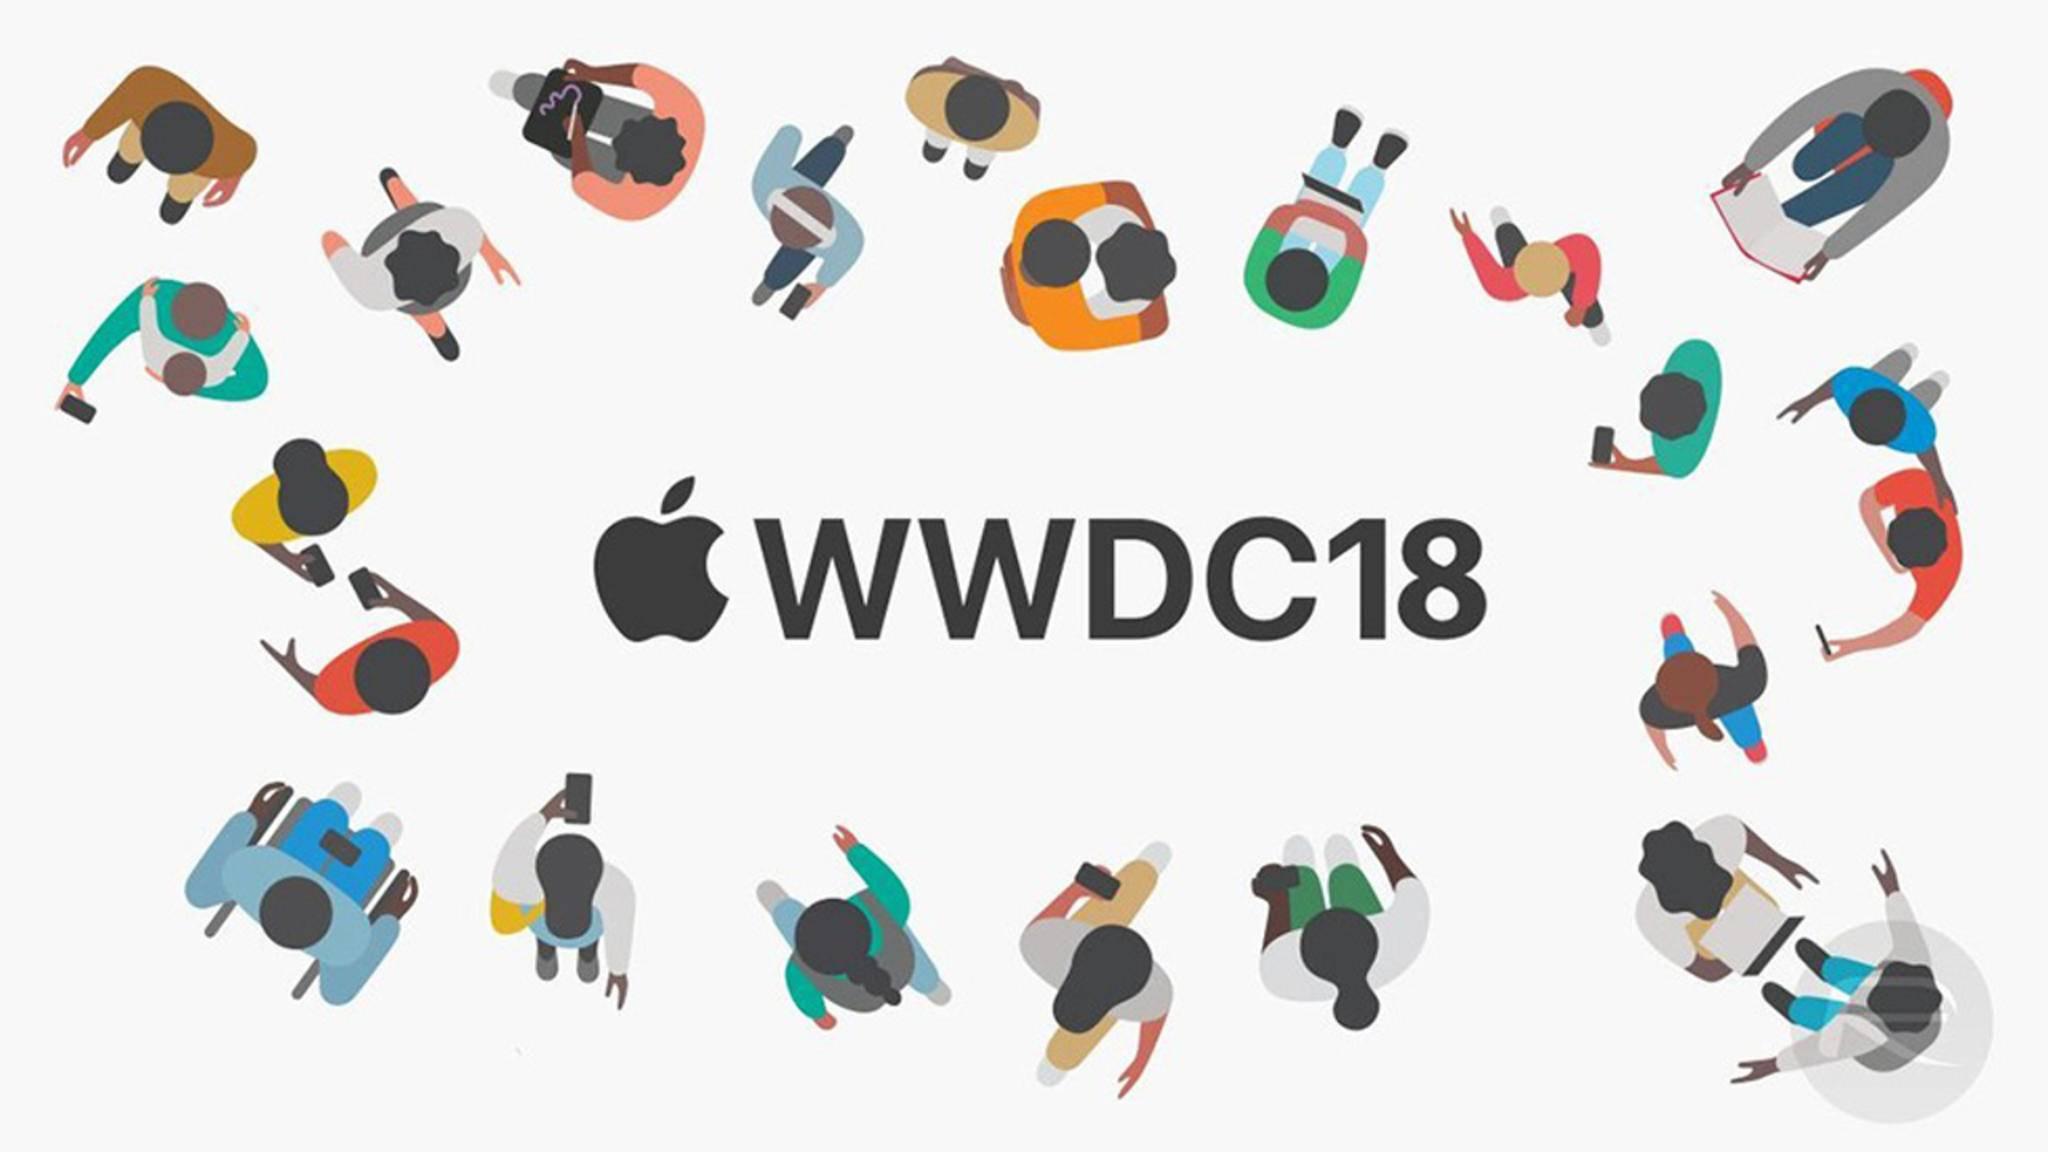 Die WWDC 2018 findet vom 4. bis zum 8. Juni statt.